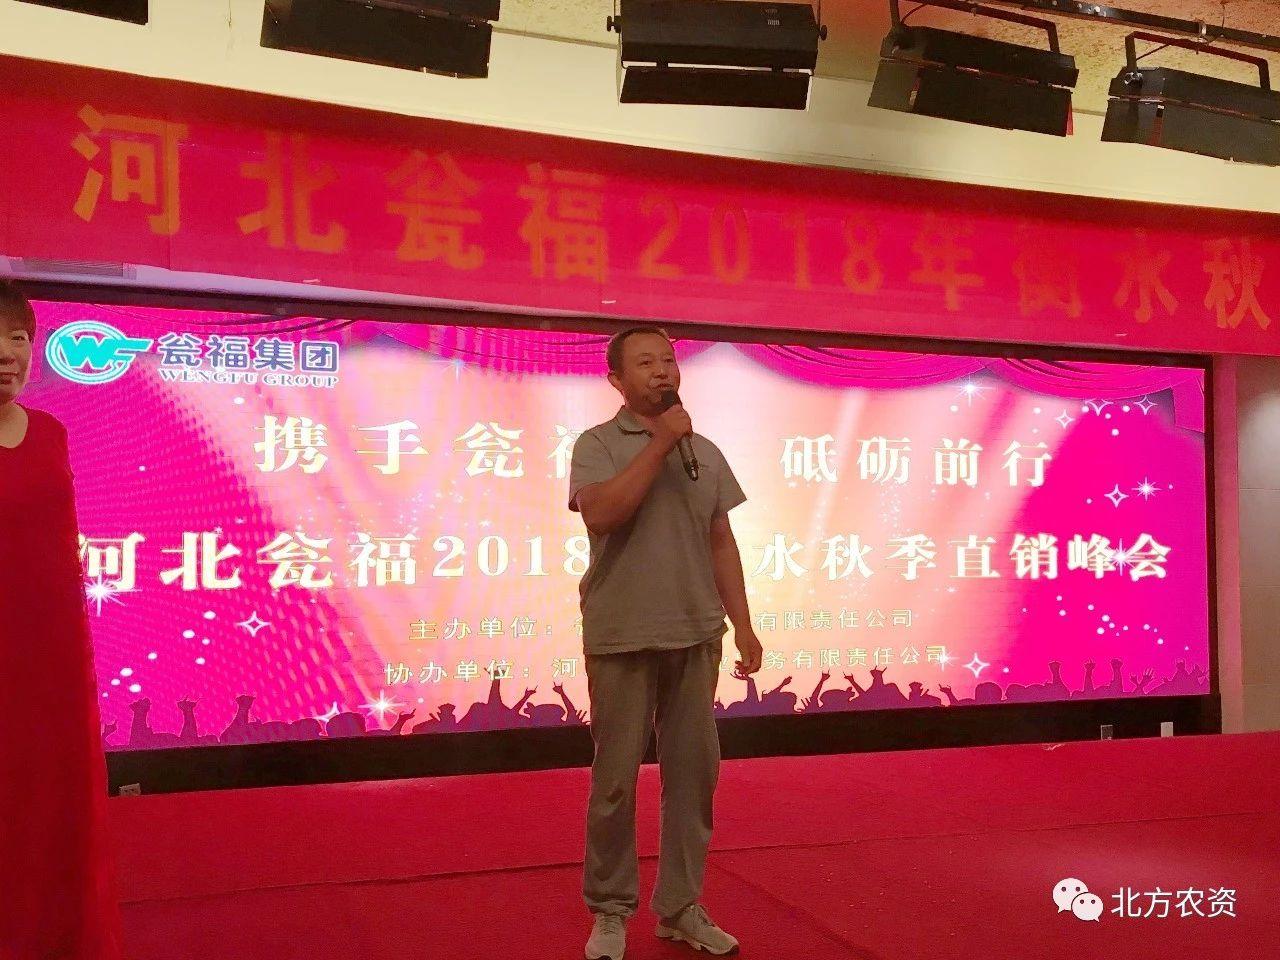 贵州瓮福集团宣传海报